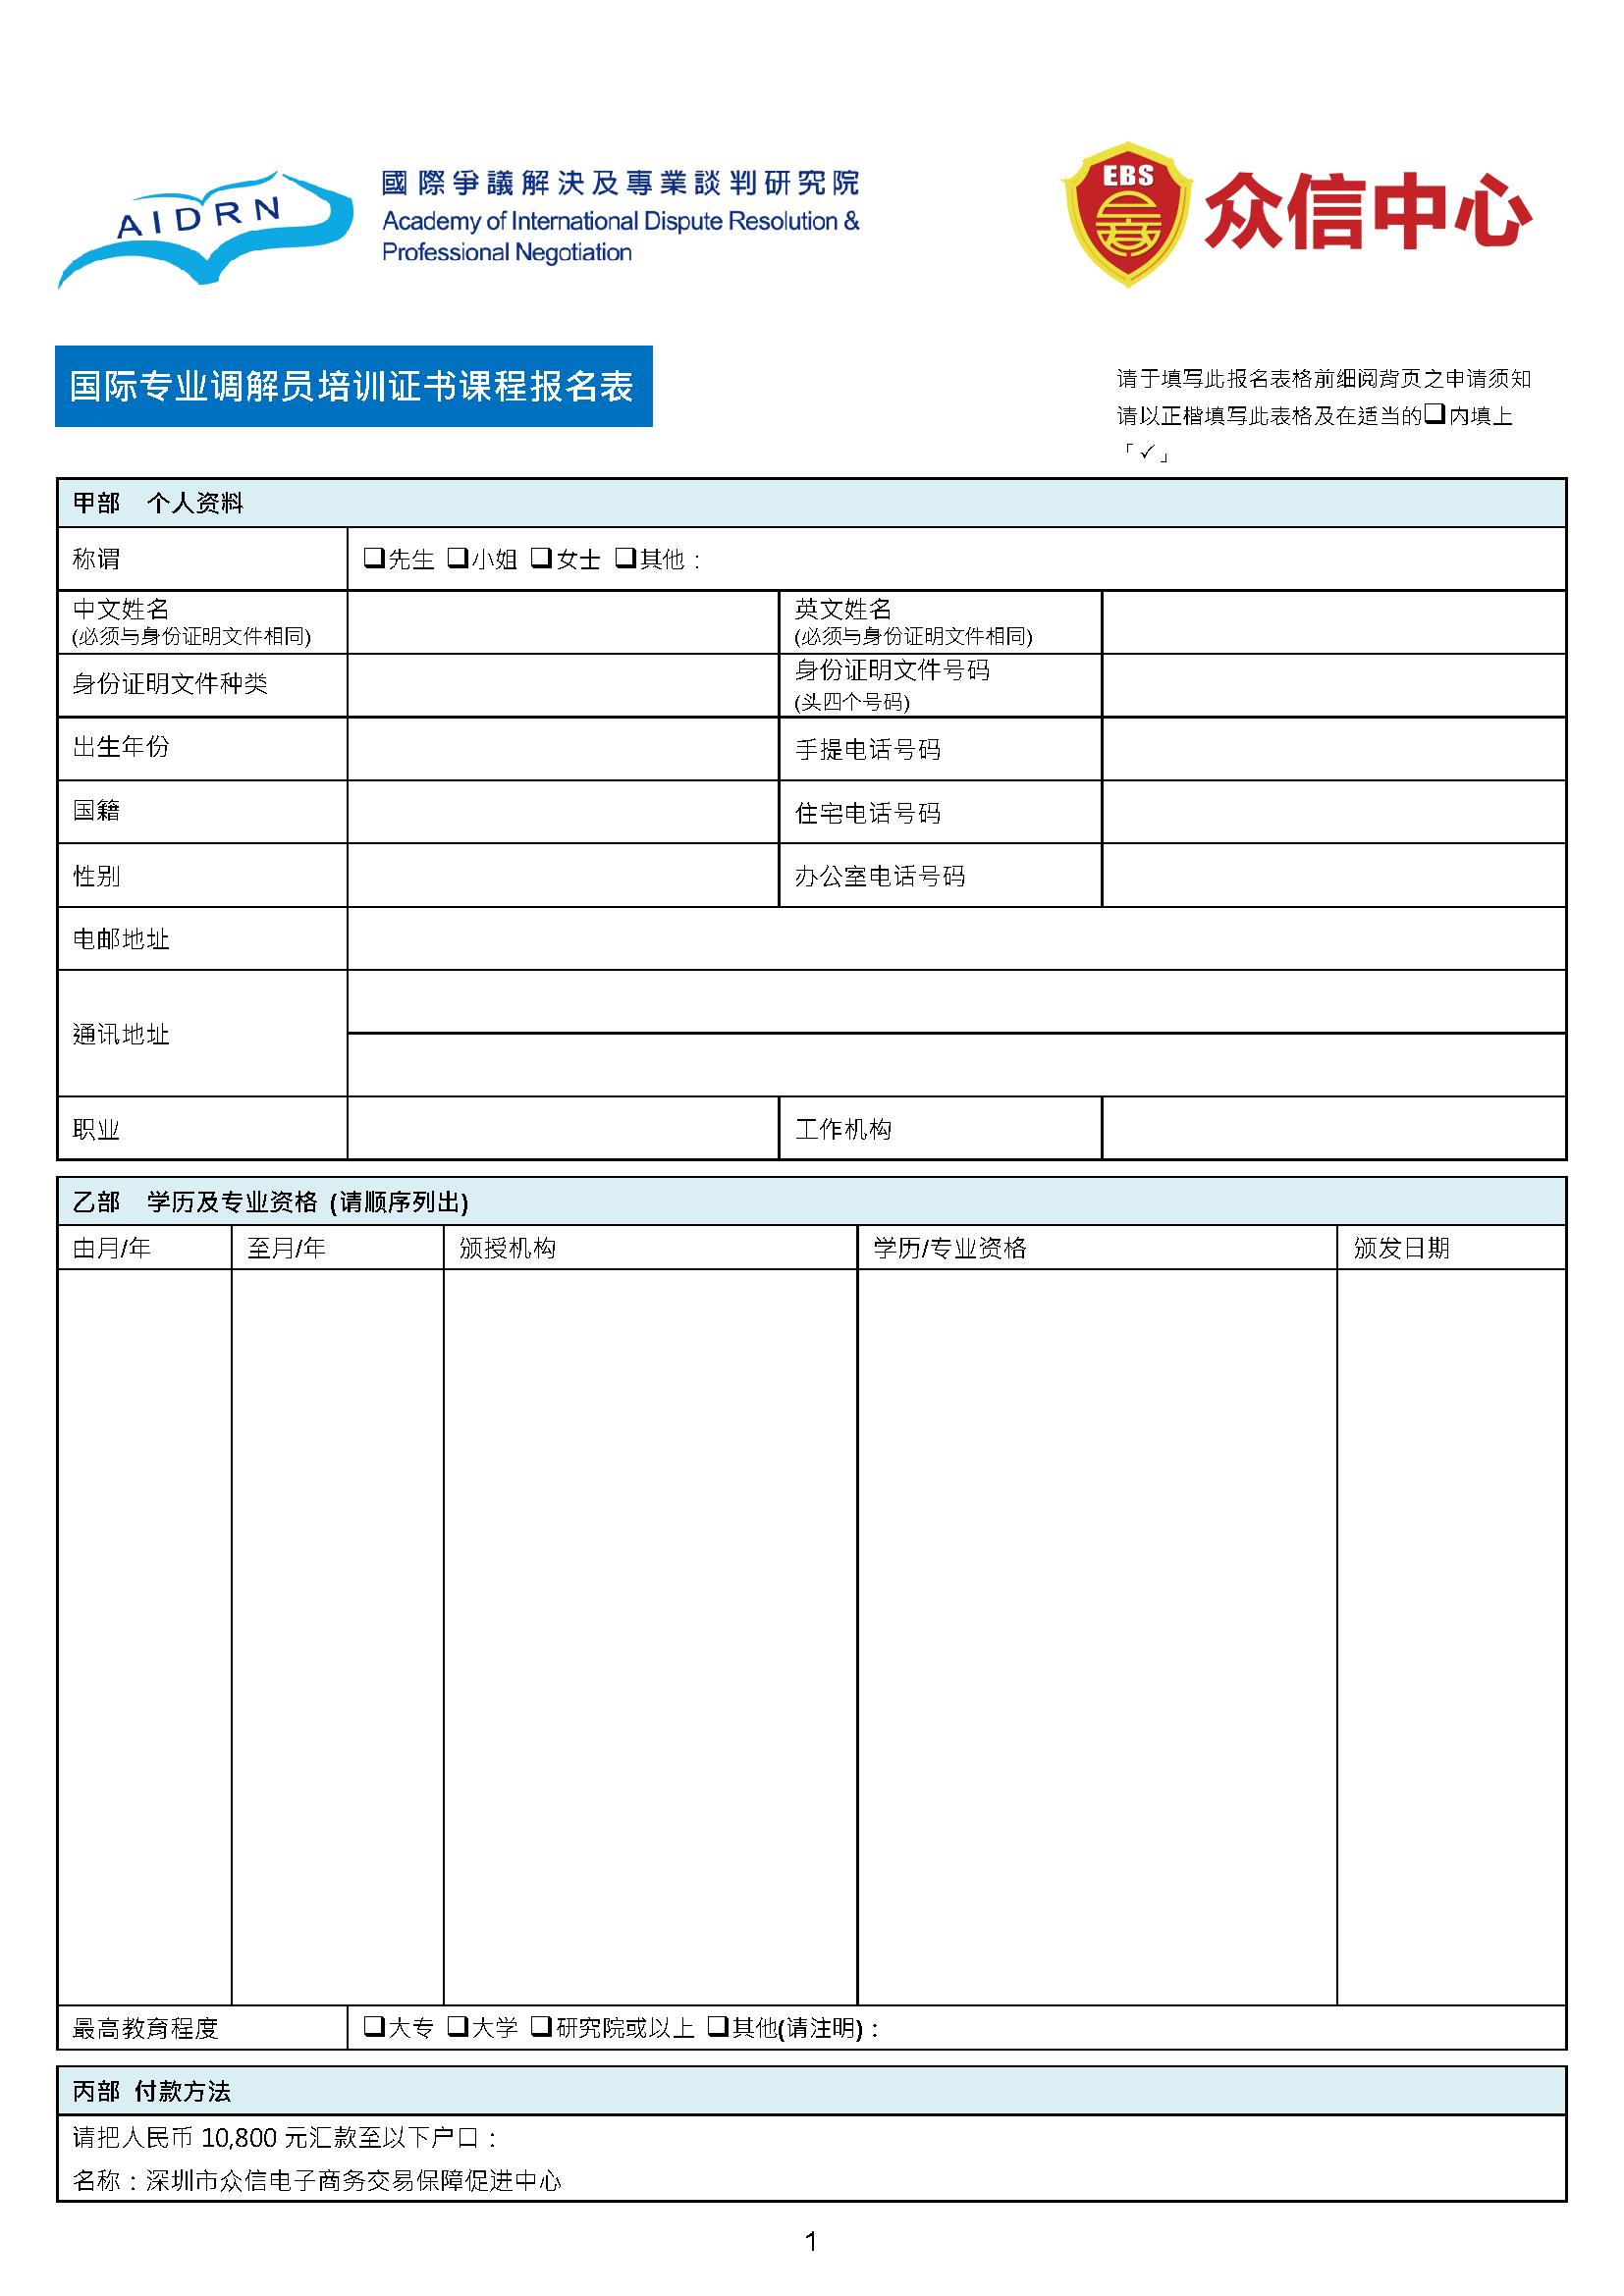 国际专业调解员培训证书课程_报名表格 (众信中心)_頁面_1